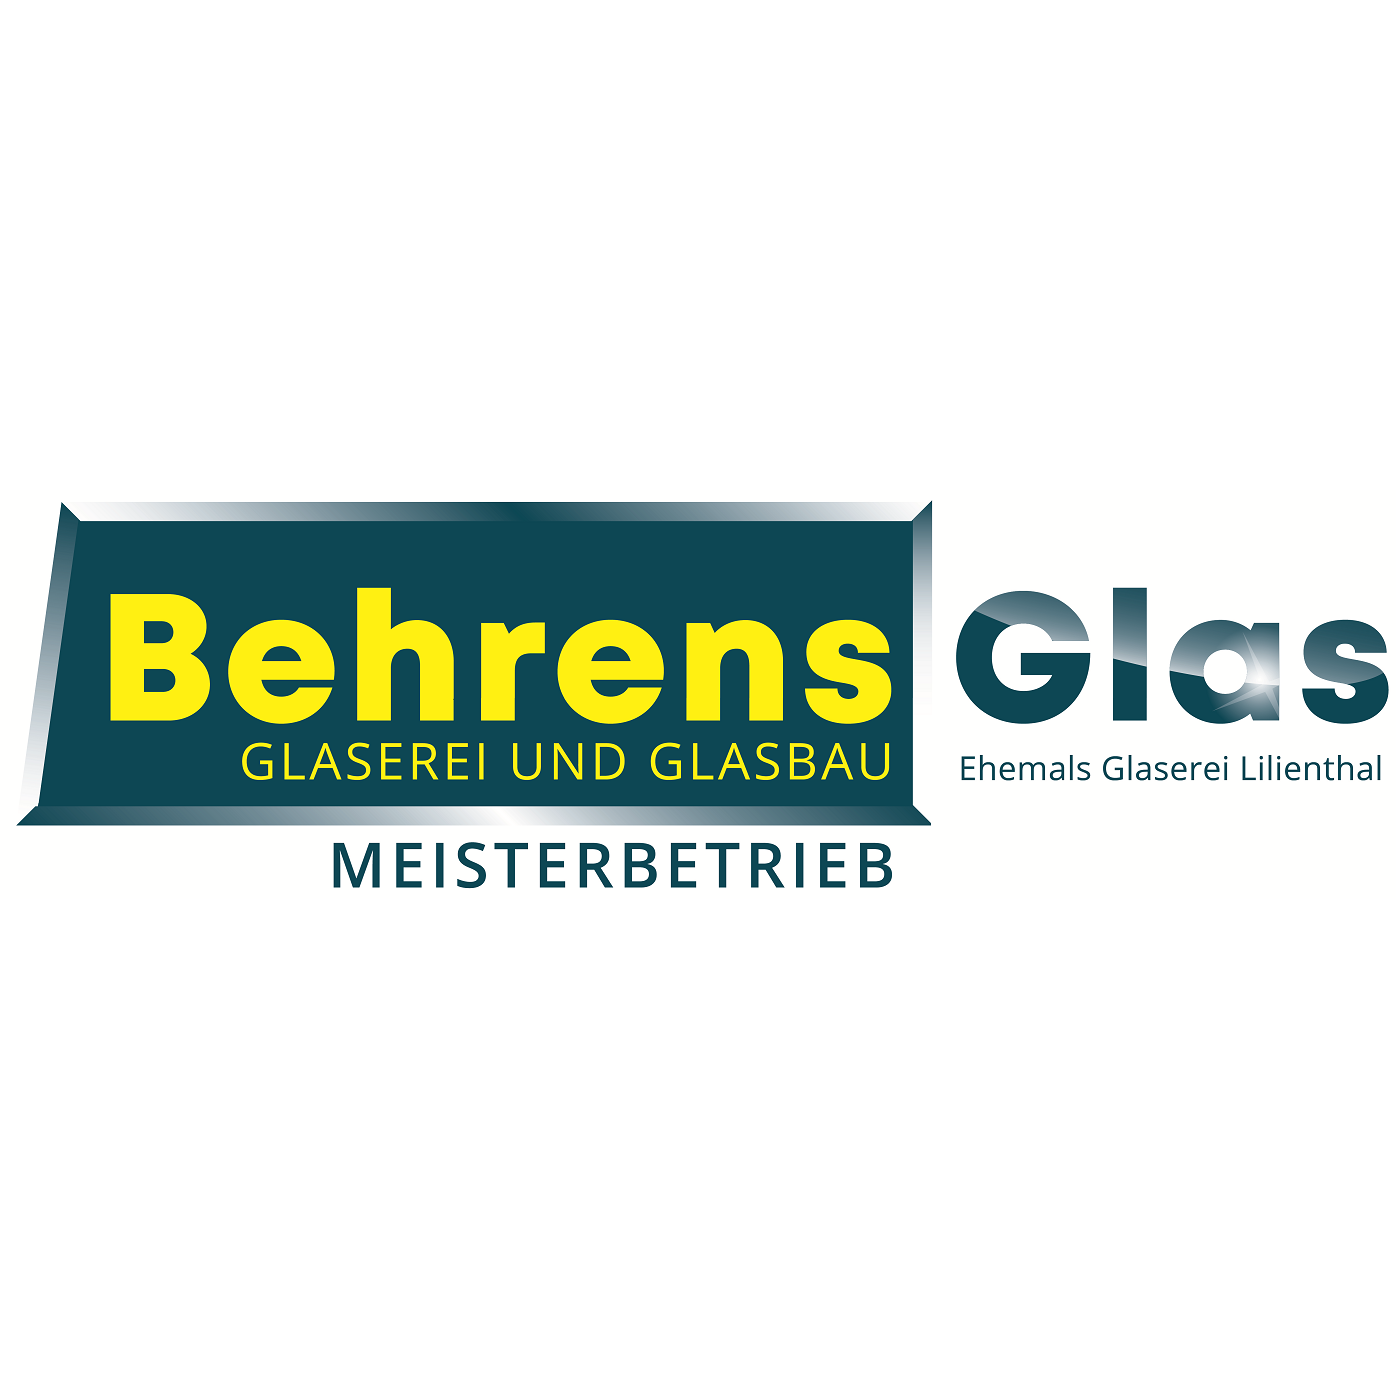 Bild zu Behrens Glas - Michel Behrens, Mazlum Cigerli und Artur Kaus GbR in Lilienthal